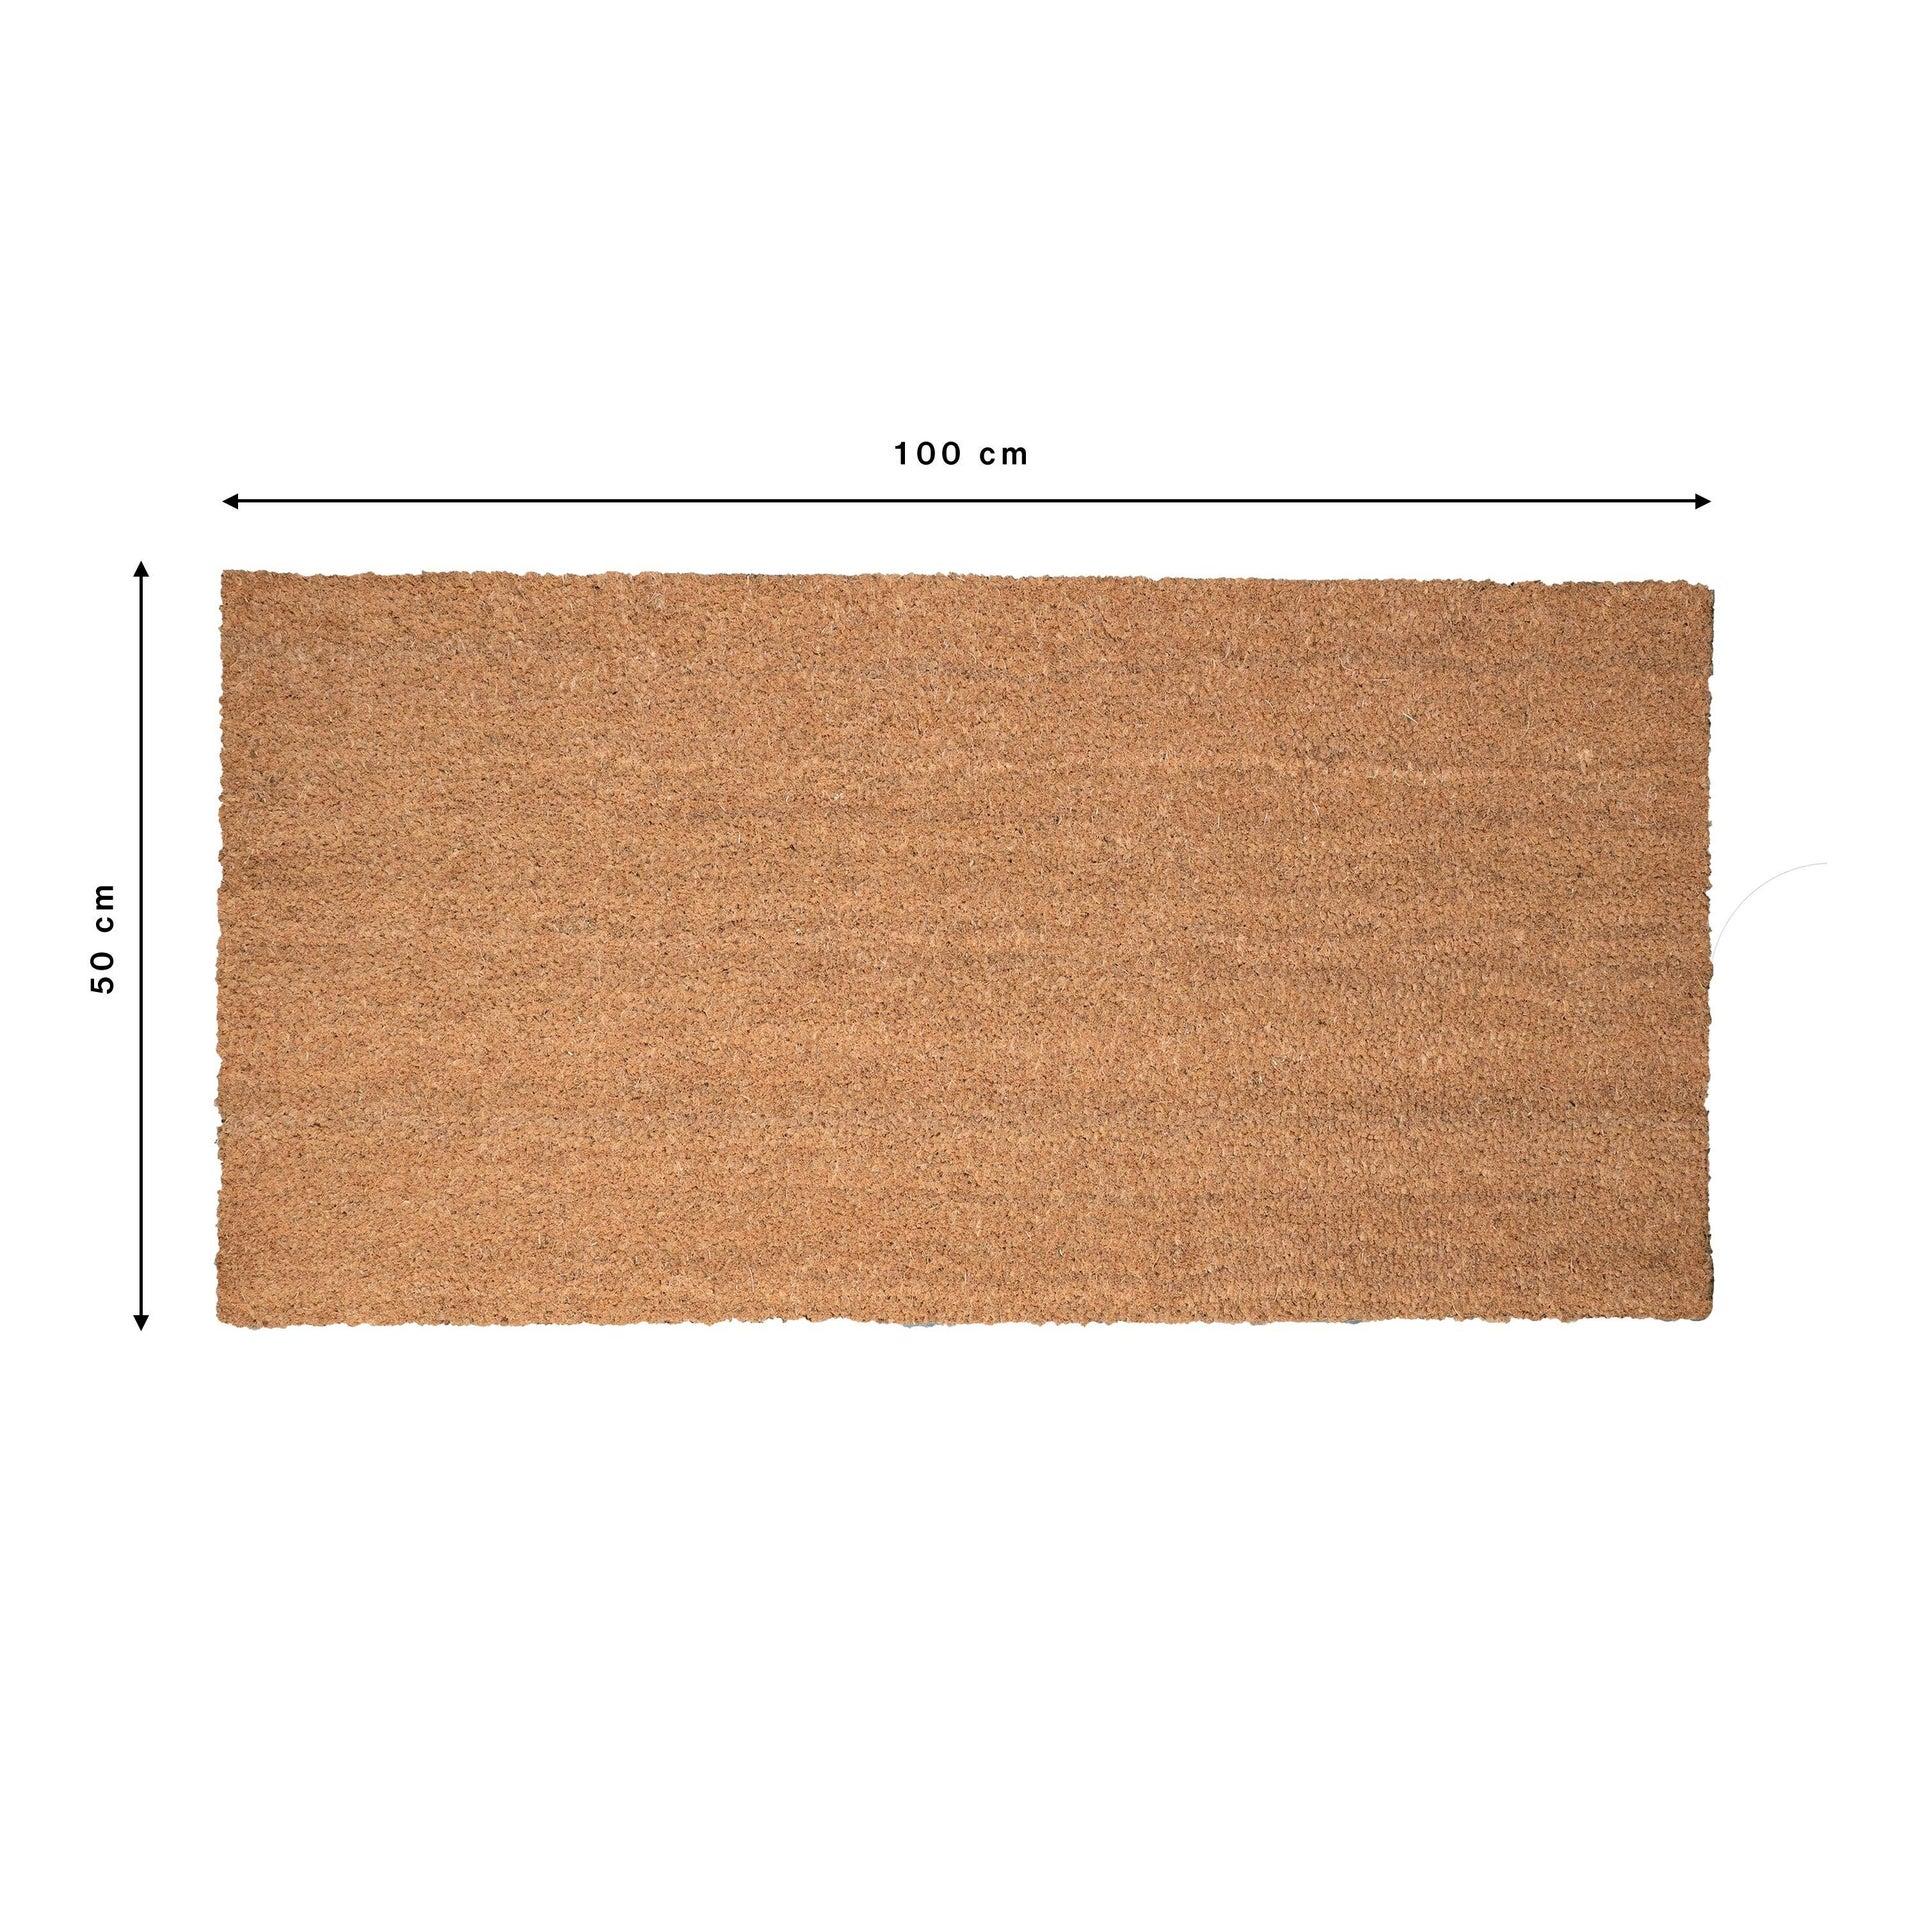 Zerbino Leo in cocco naturale 50x100 cm - 6